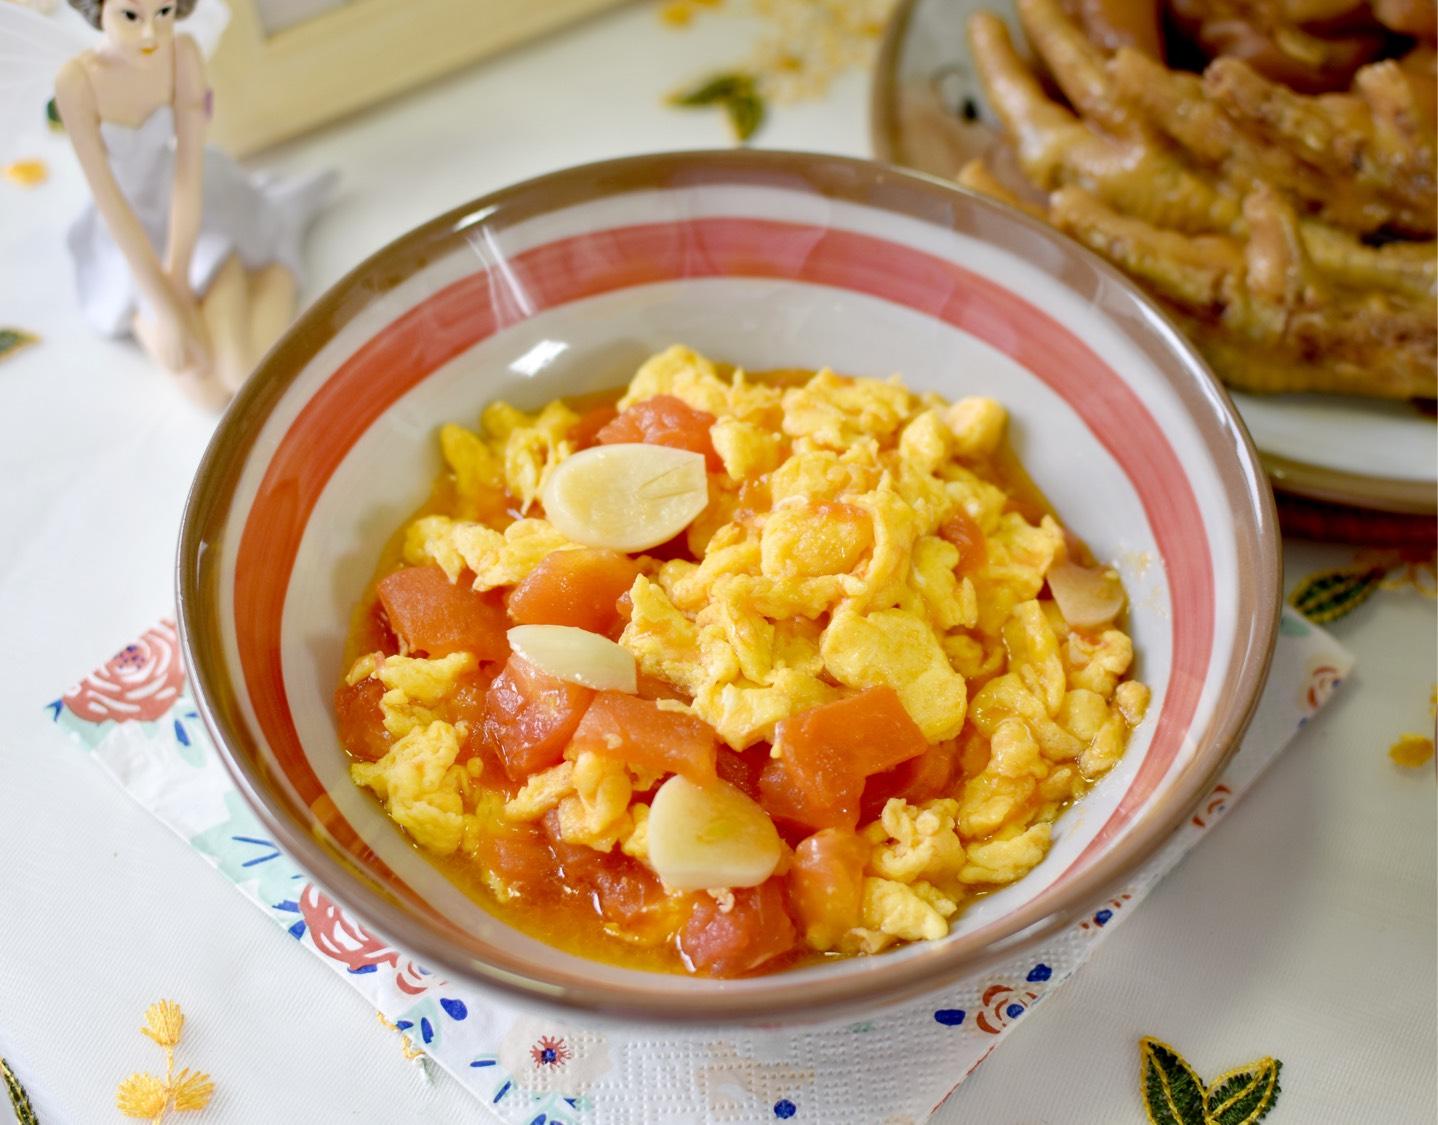 跟老师傅学的【番茄炒蛋】爆好吃!终于学到了饭店里的西红柿炒鸡蛋